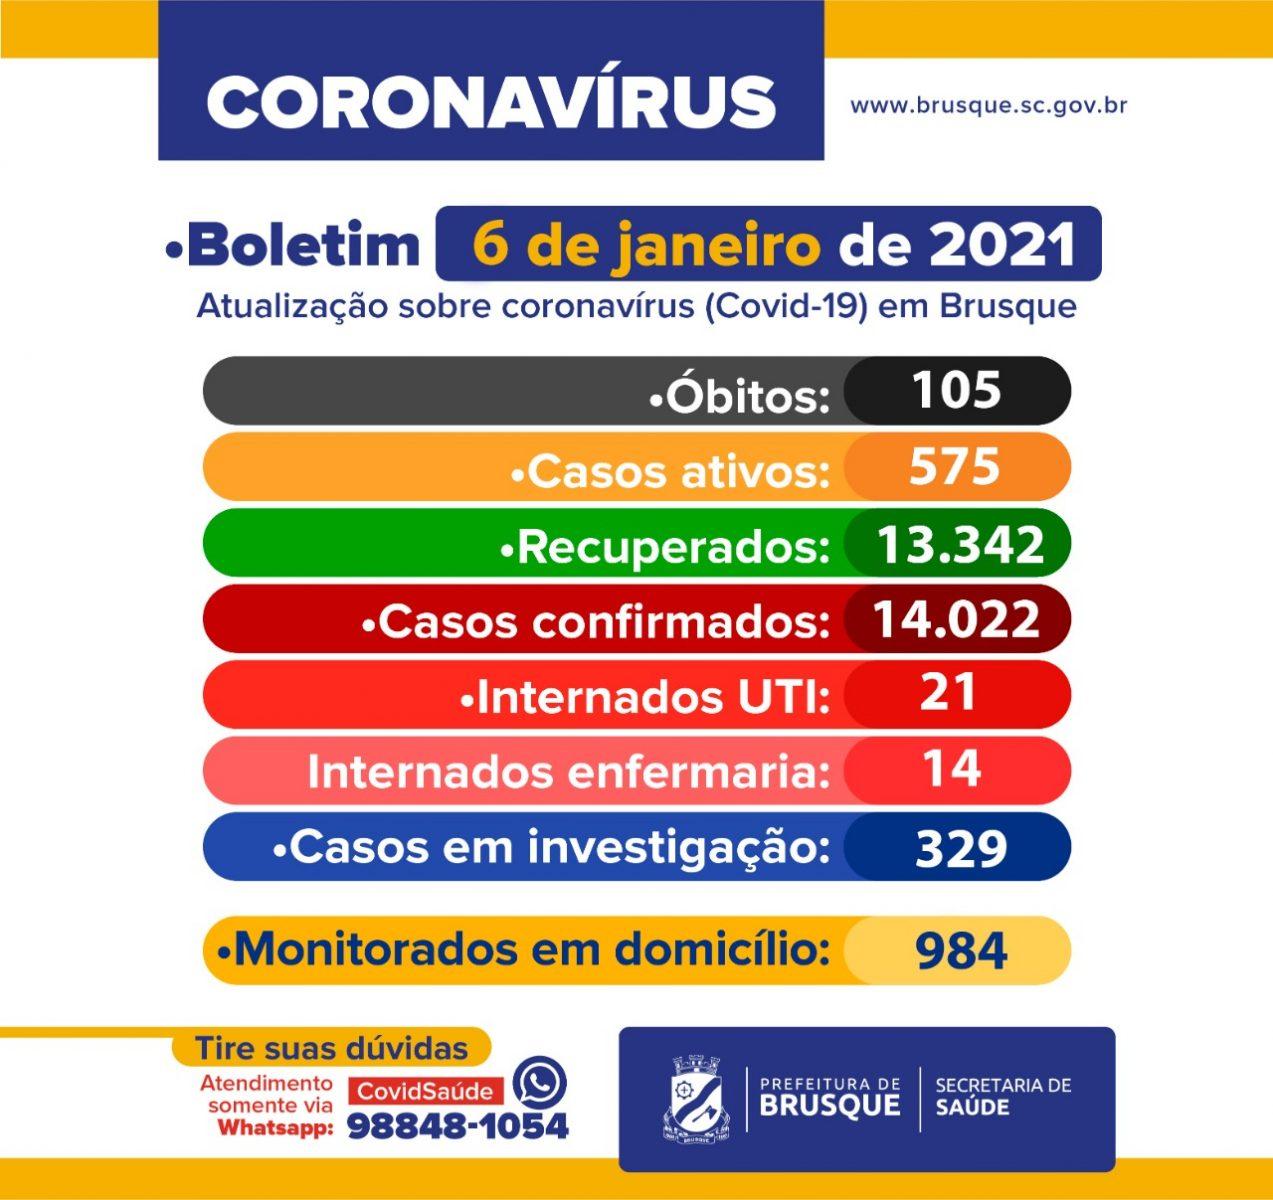 Covid-19: Confira o boletim epidemiológico desta quarta-feira (6)